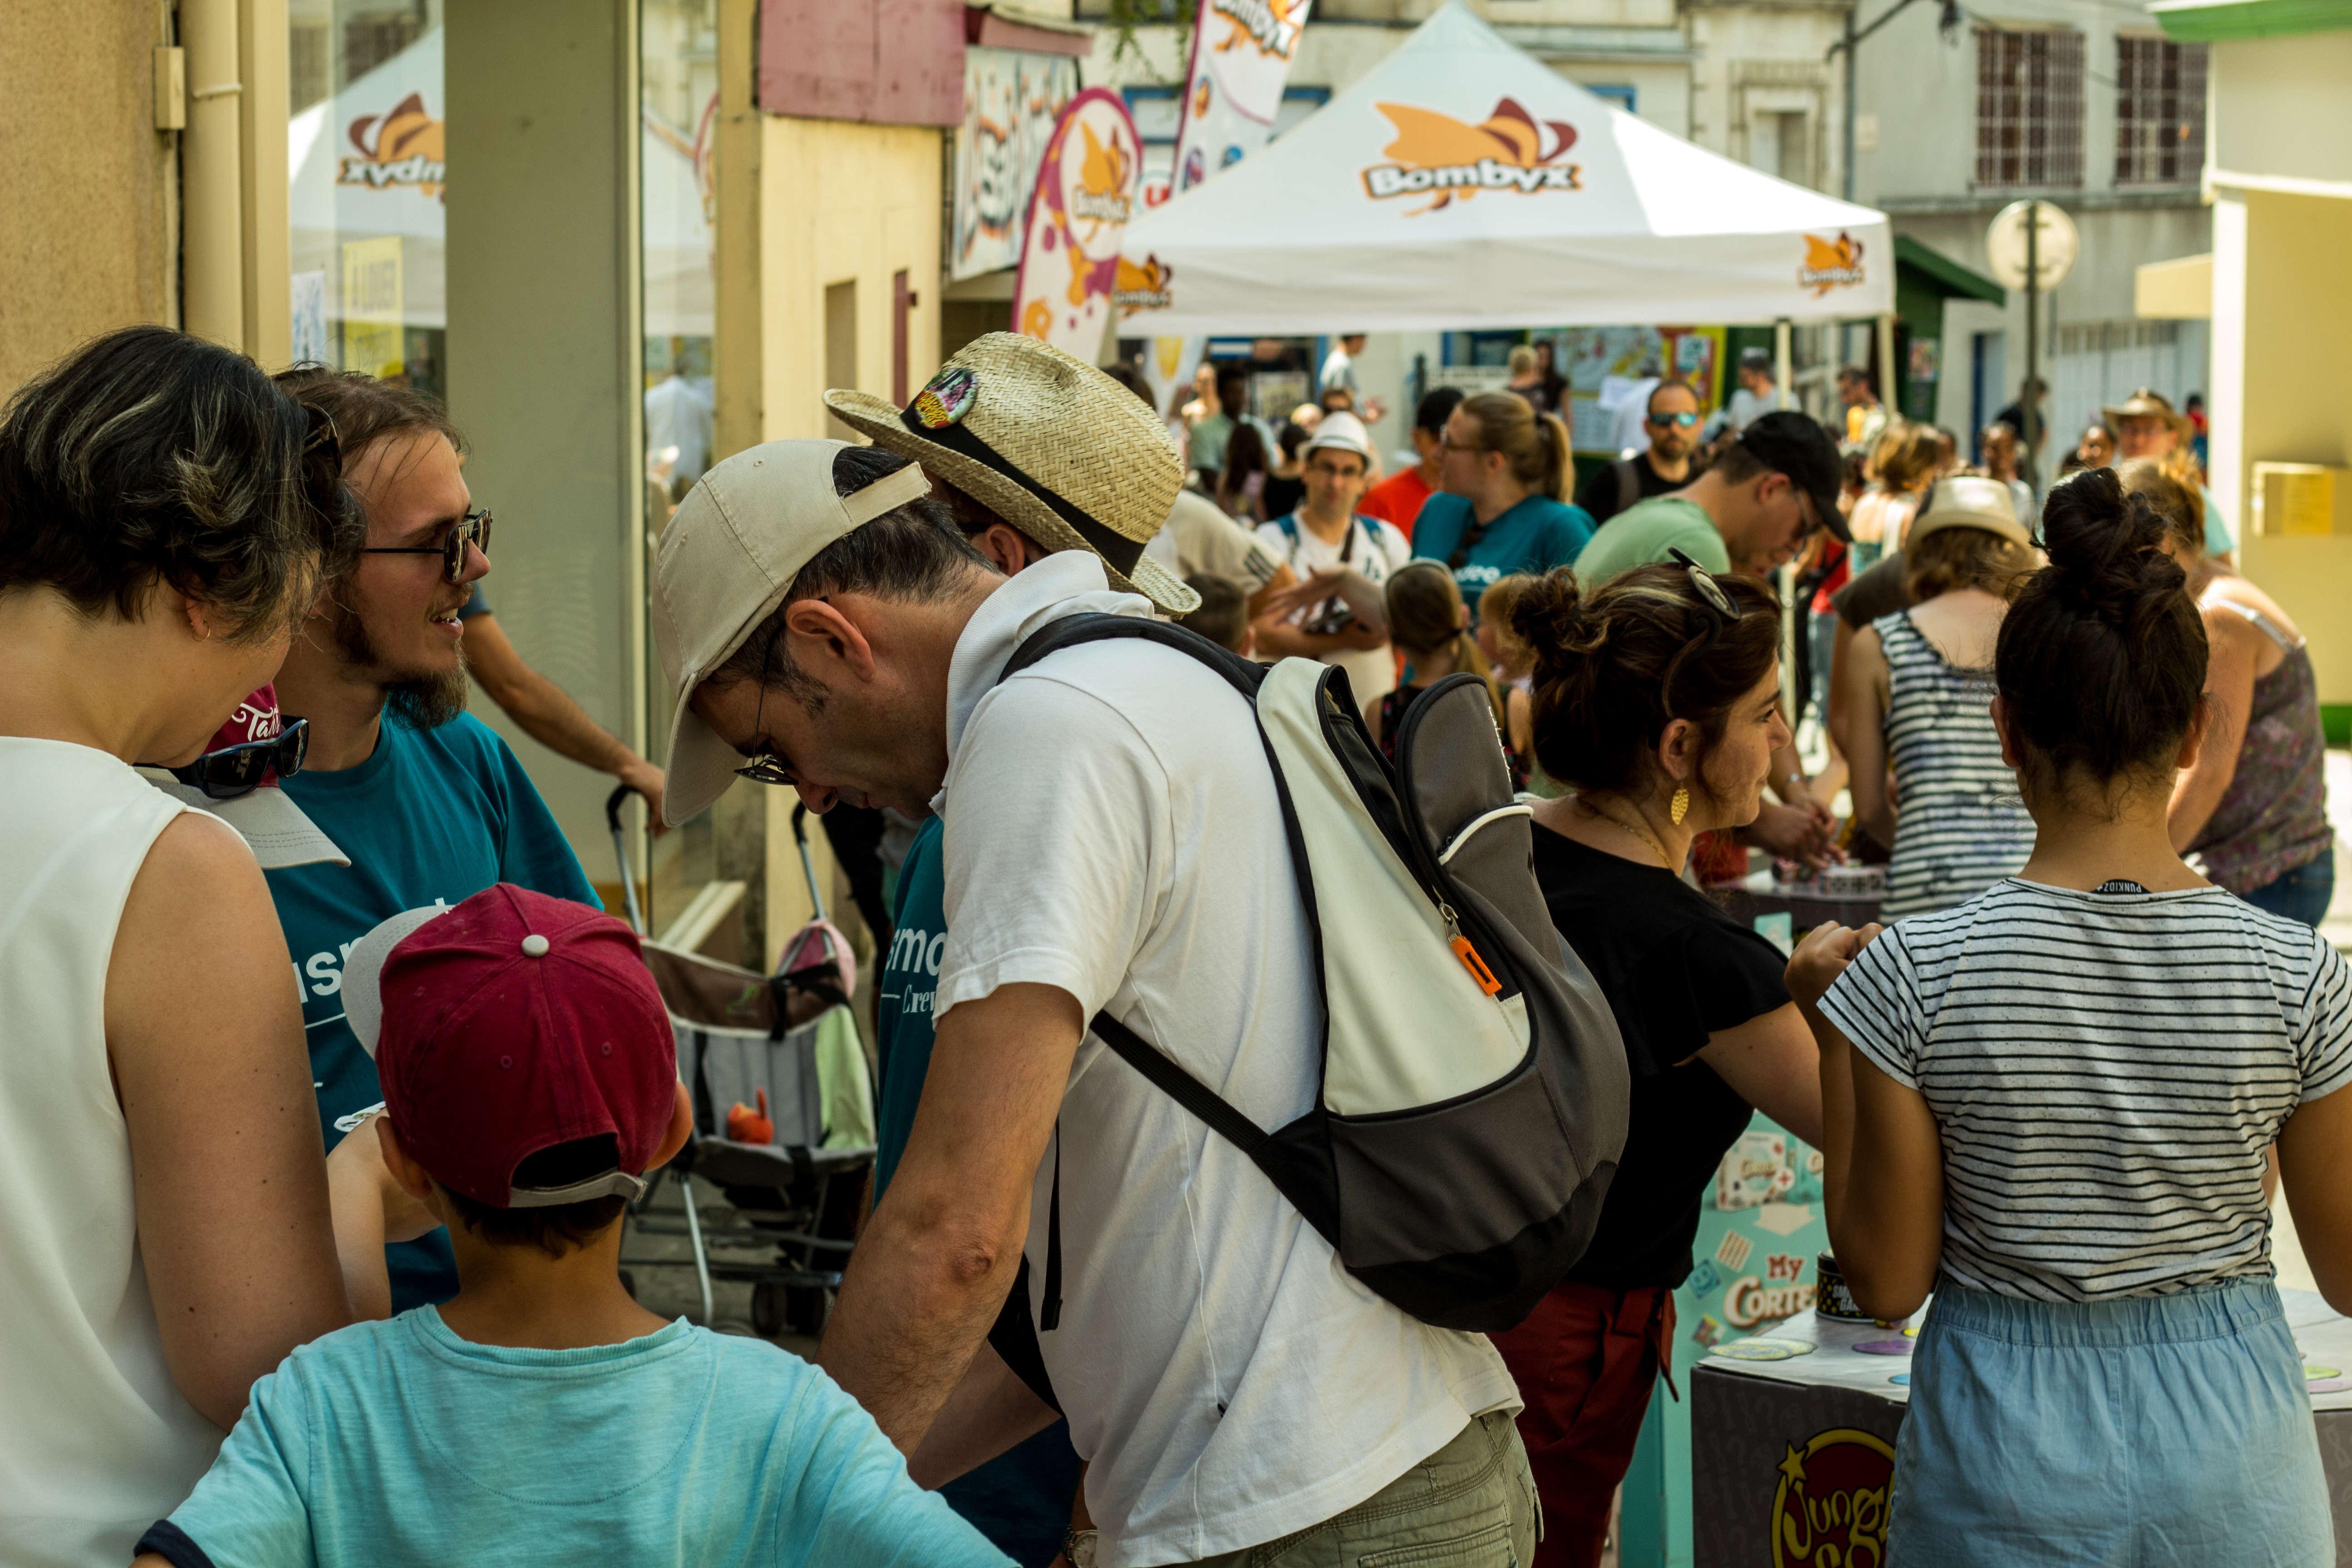 Les organisateurs ont estimé que pendant le festival, environ 380 000 personnes passaient par la ville. Celle-ci compte un peu plus de 10 000 habitants en temps normal.